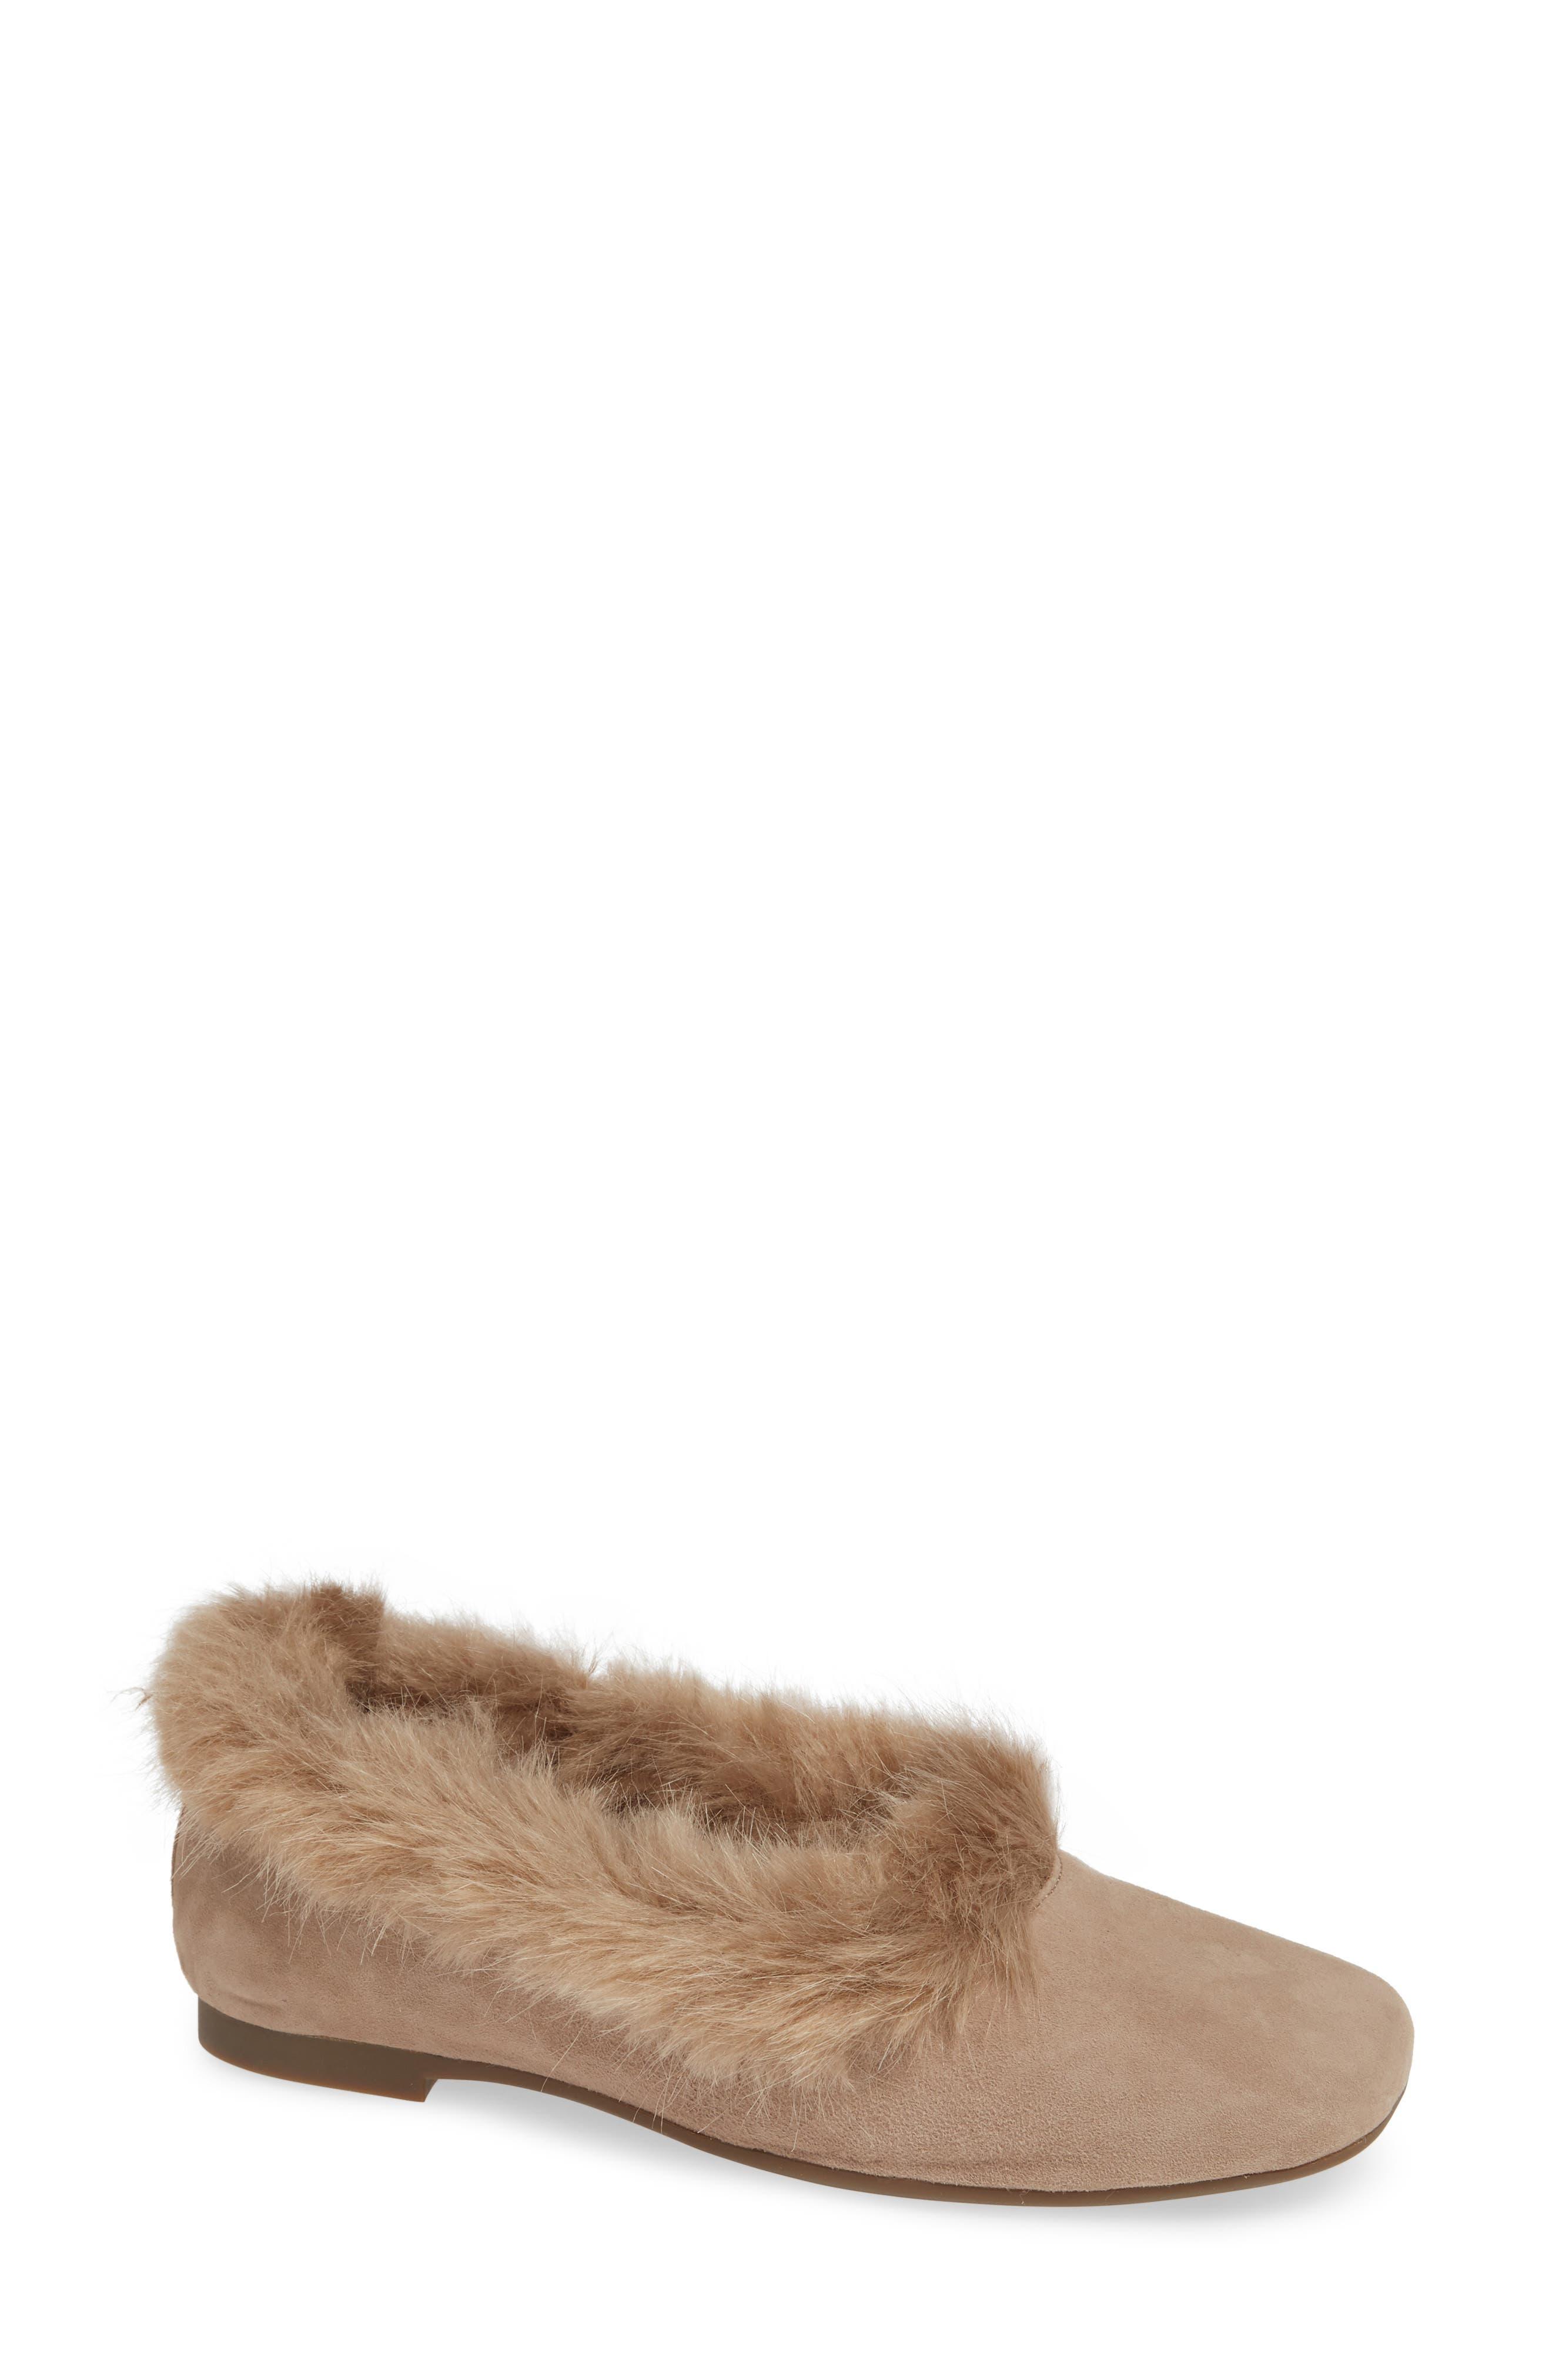 TARYN ROSE Ryanne Water Resistant Faux Fur Flat in Taupe Suede